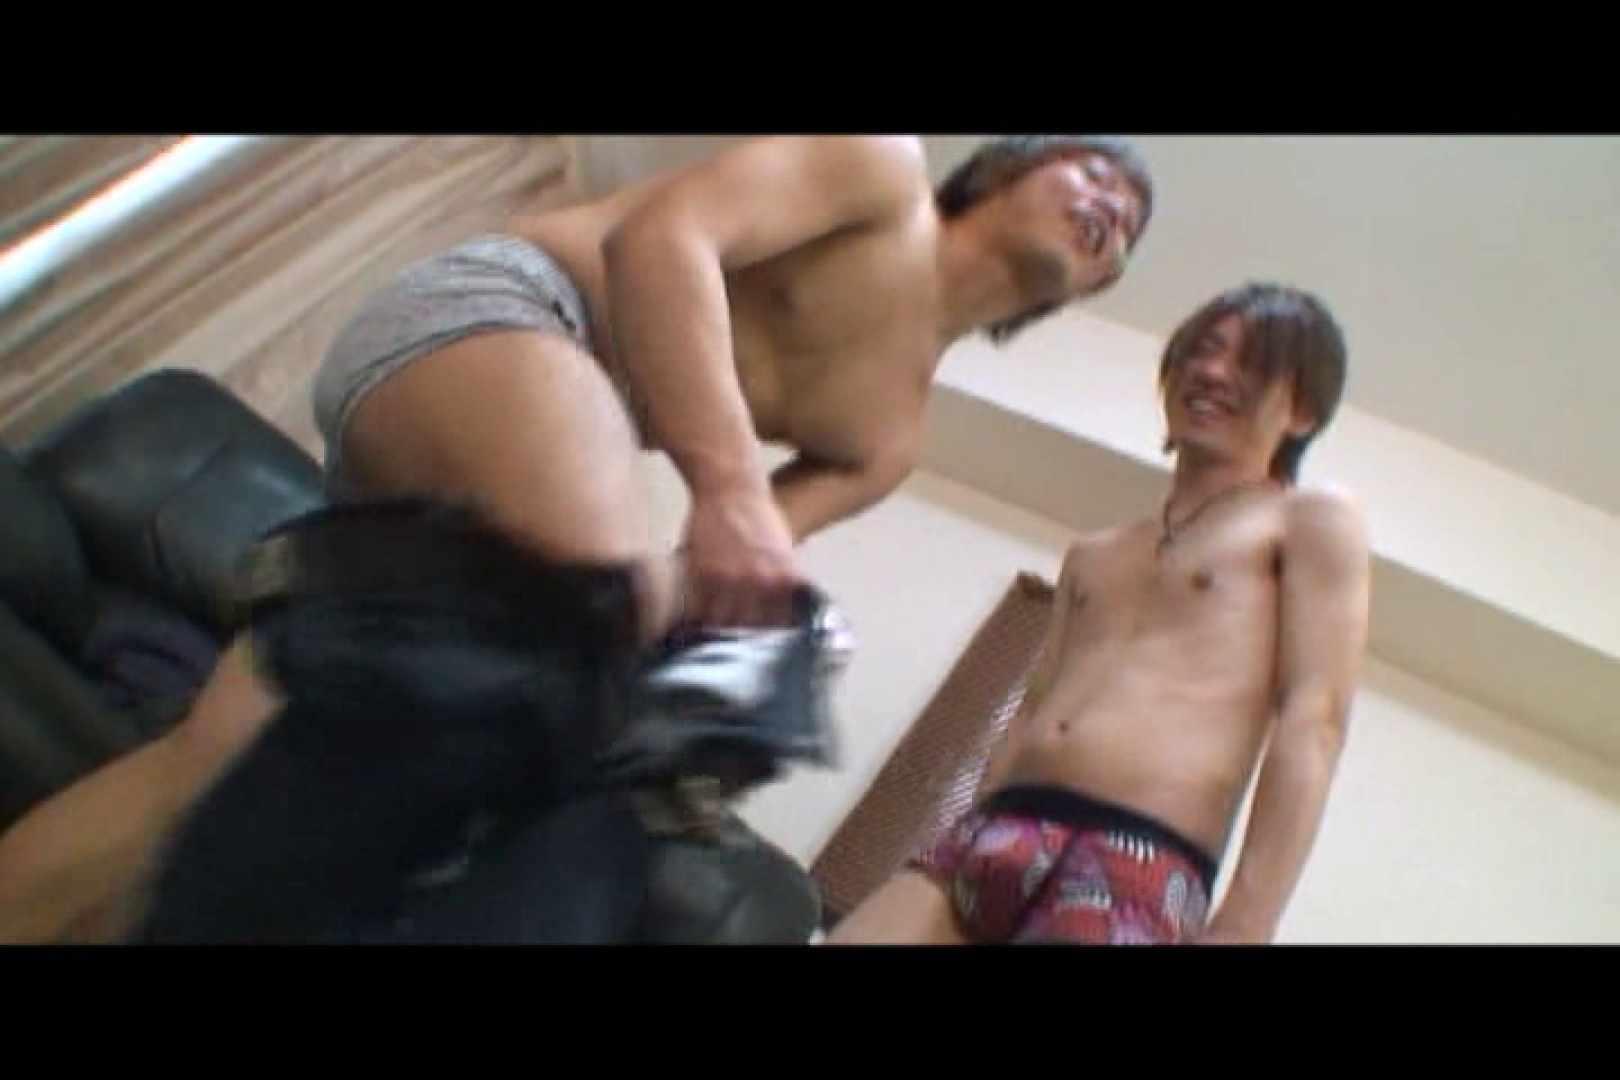 コンビネーションBoys!vol.01 ディルド天国 ゲイエロ動画 55pic 38